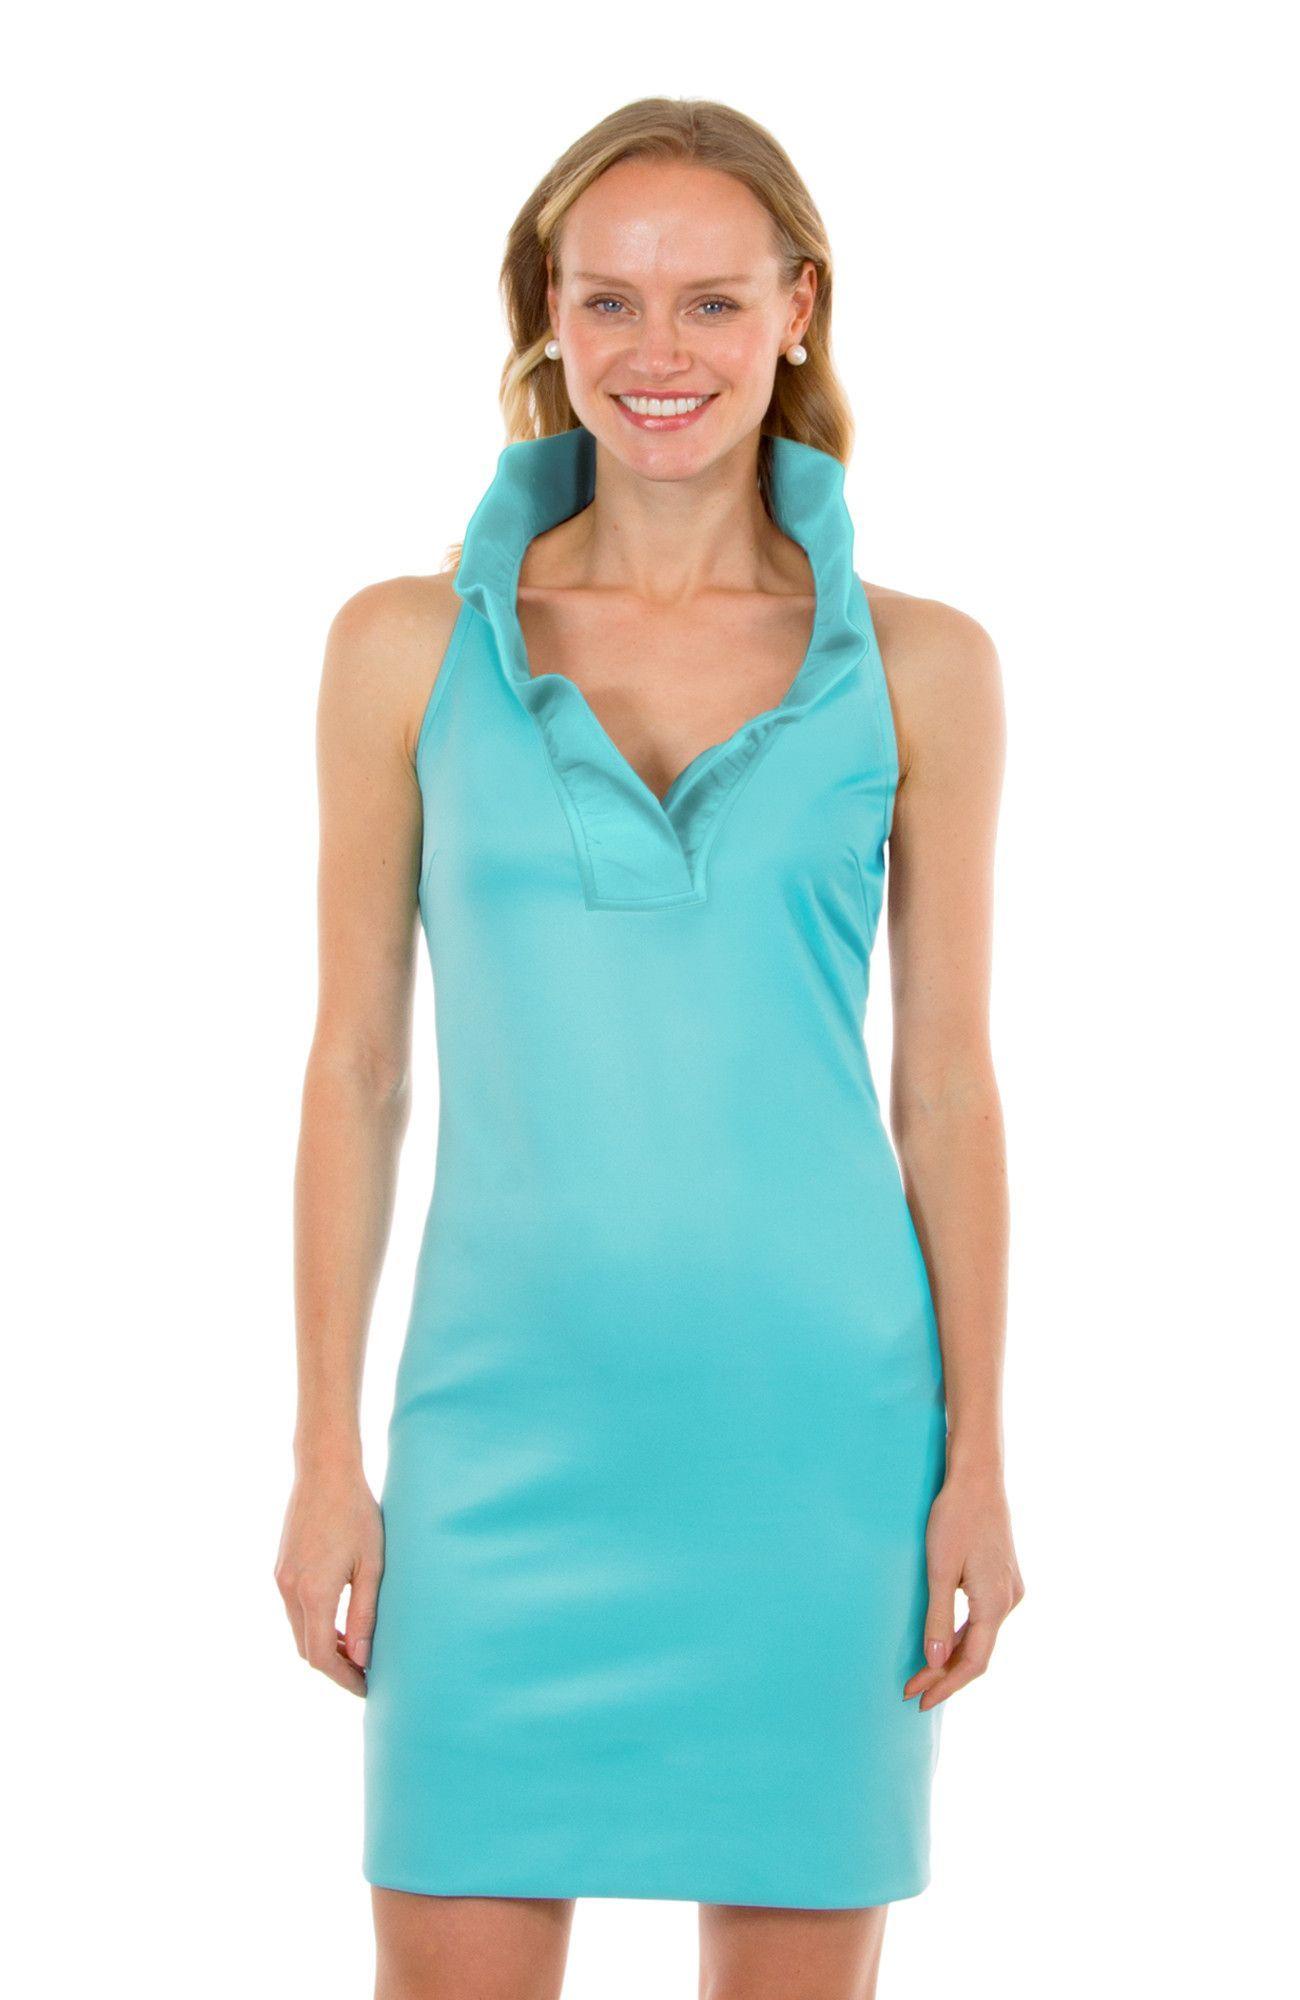 cc2b809a98e Gretchen Scott Ruff Neck Sleeveless Jersey Dress - Solid Turquoise ...